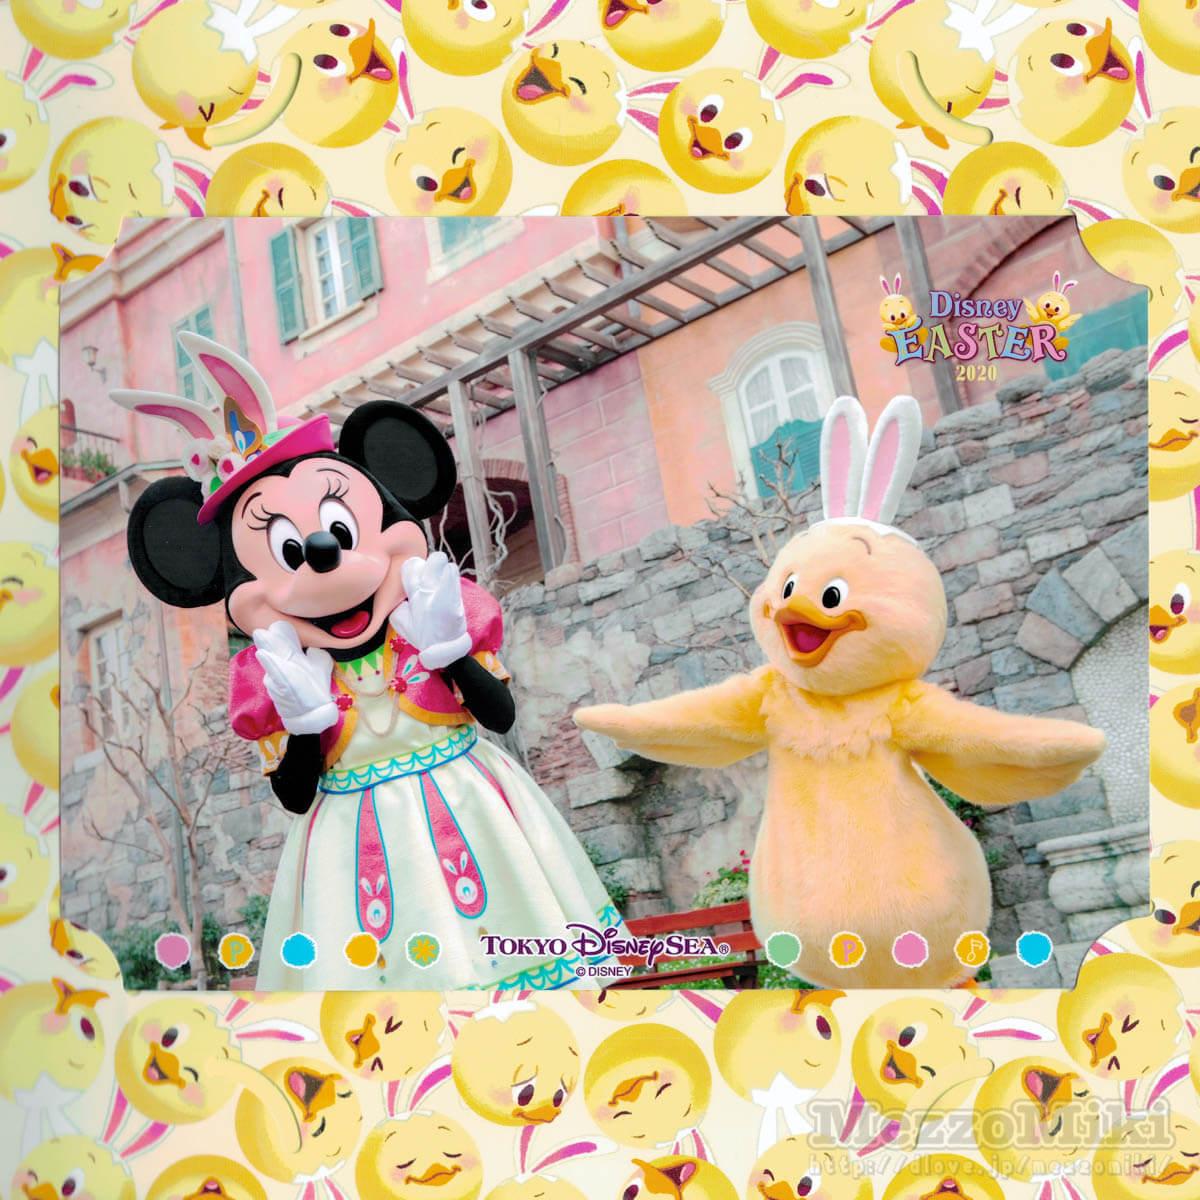 """東京ディズニーシー""""ディズニー・イースター2020""""スナップフォト ミニーマウス&うさピヨ"""